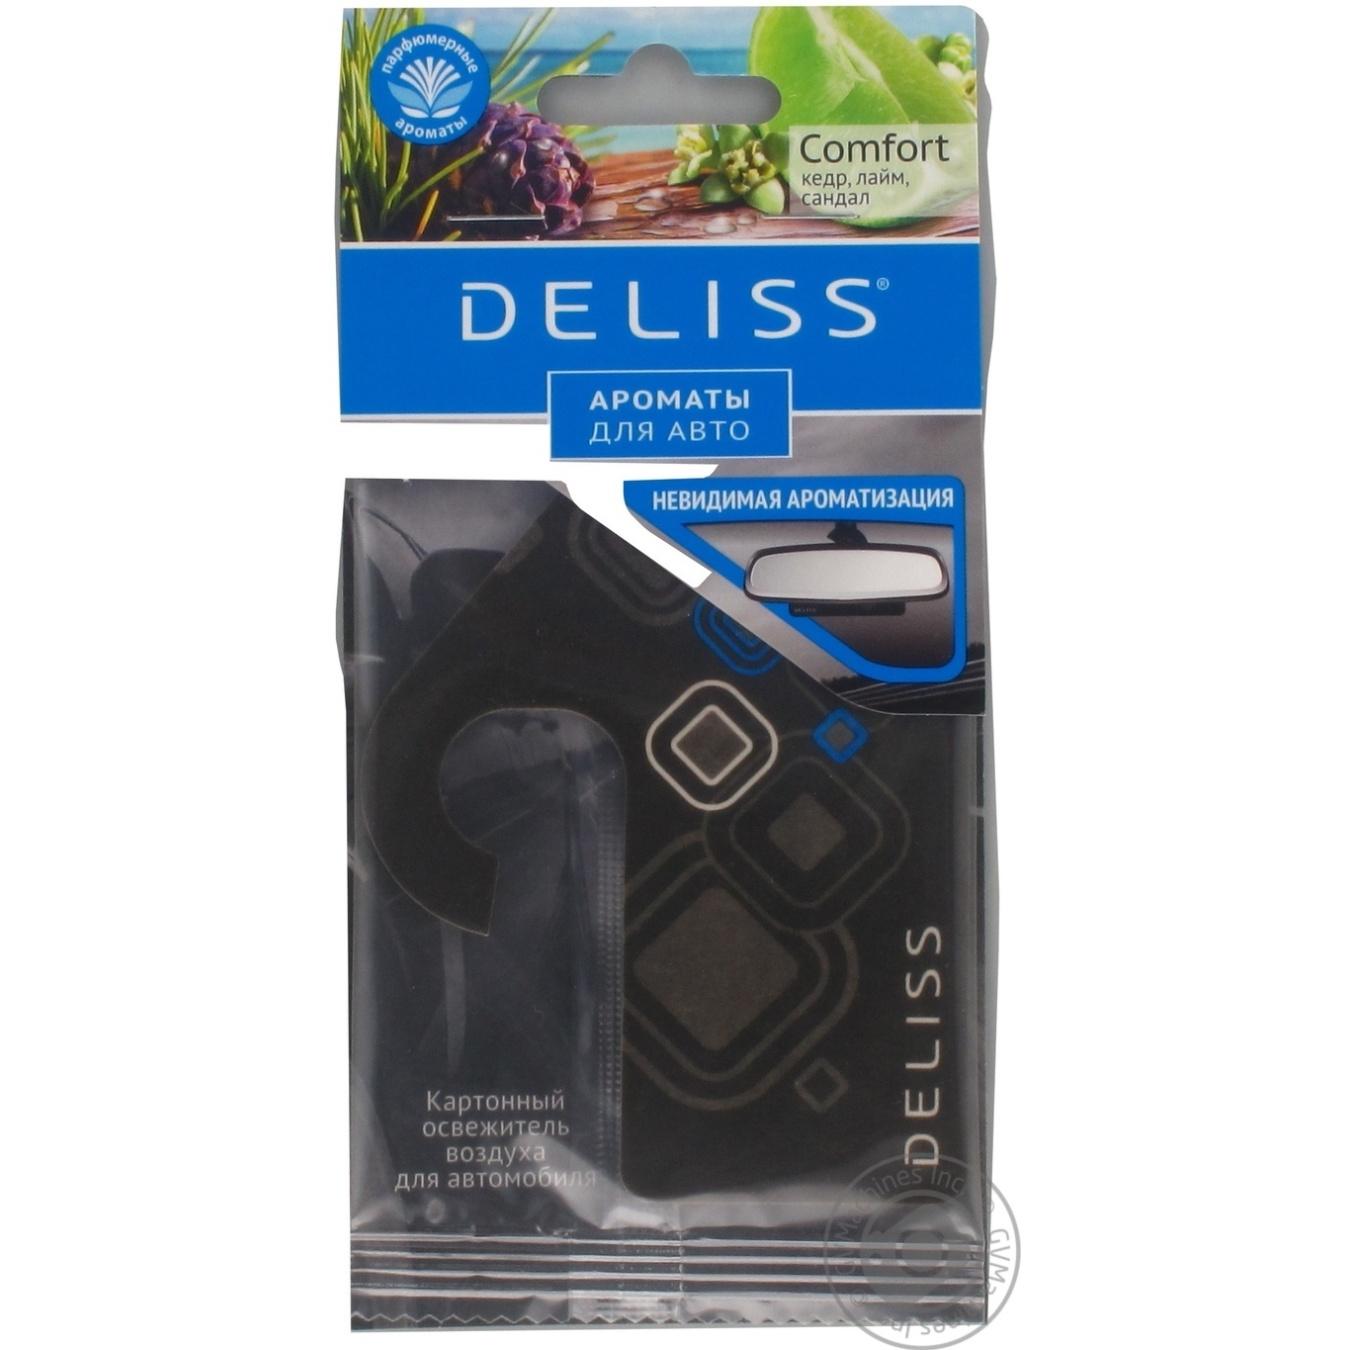 Освежитель воздуха для автомобиля Deliss Comfort подвесной картонный